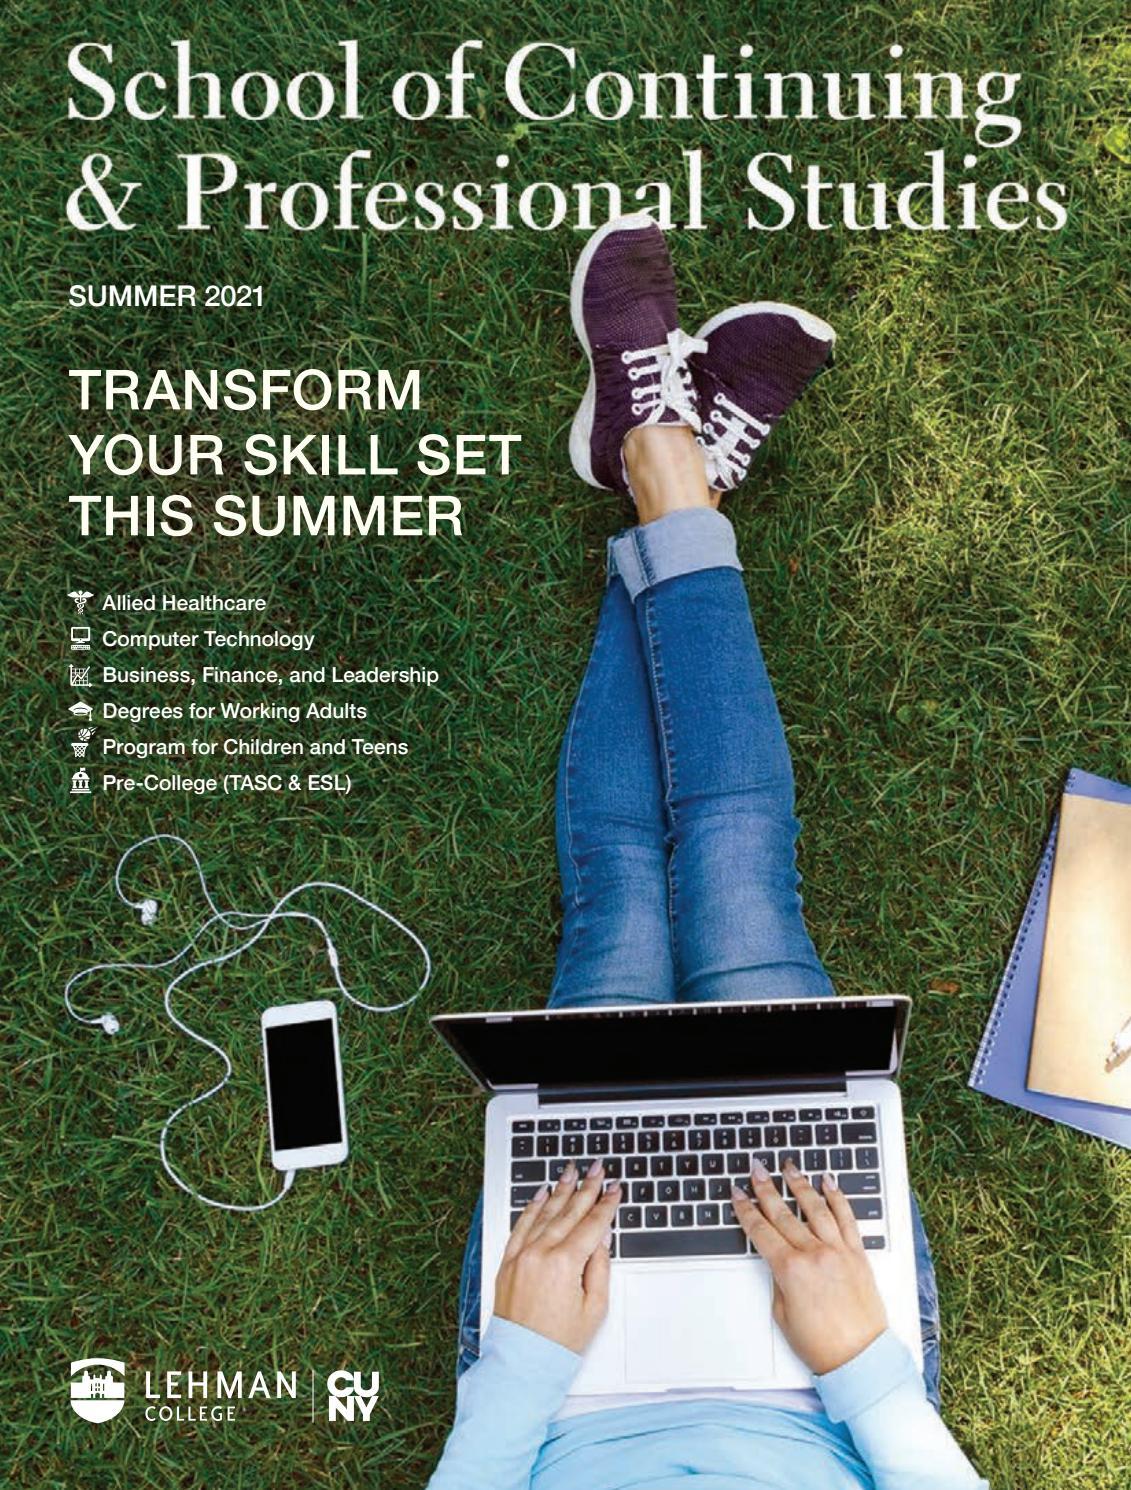 Lehman College Academic Calendar Spring 2022.Lehman College Scps Summer 2021 Catalog By Lehman College Scps Issuu